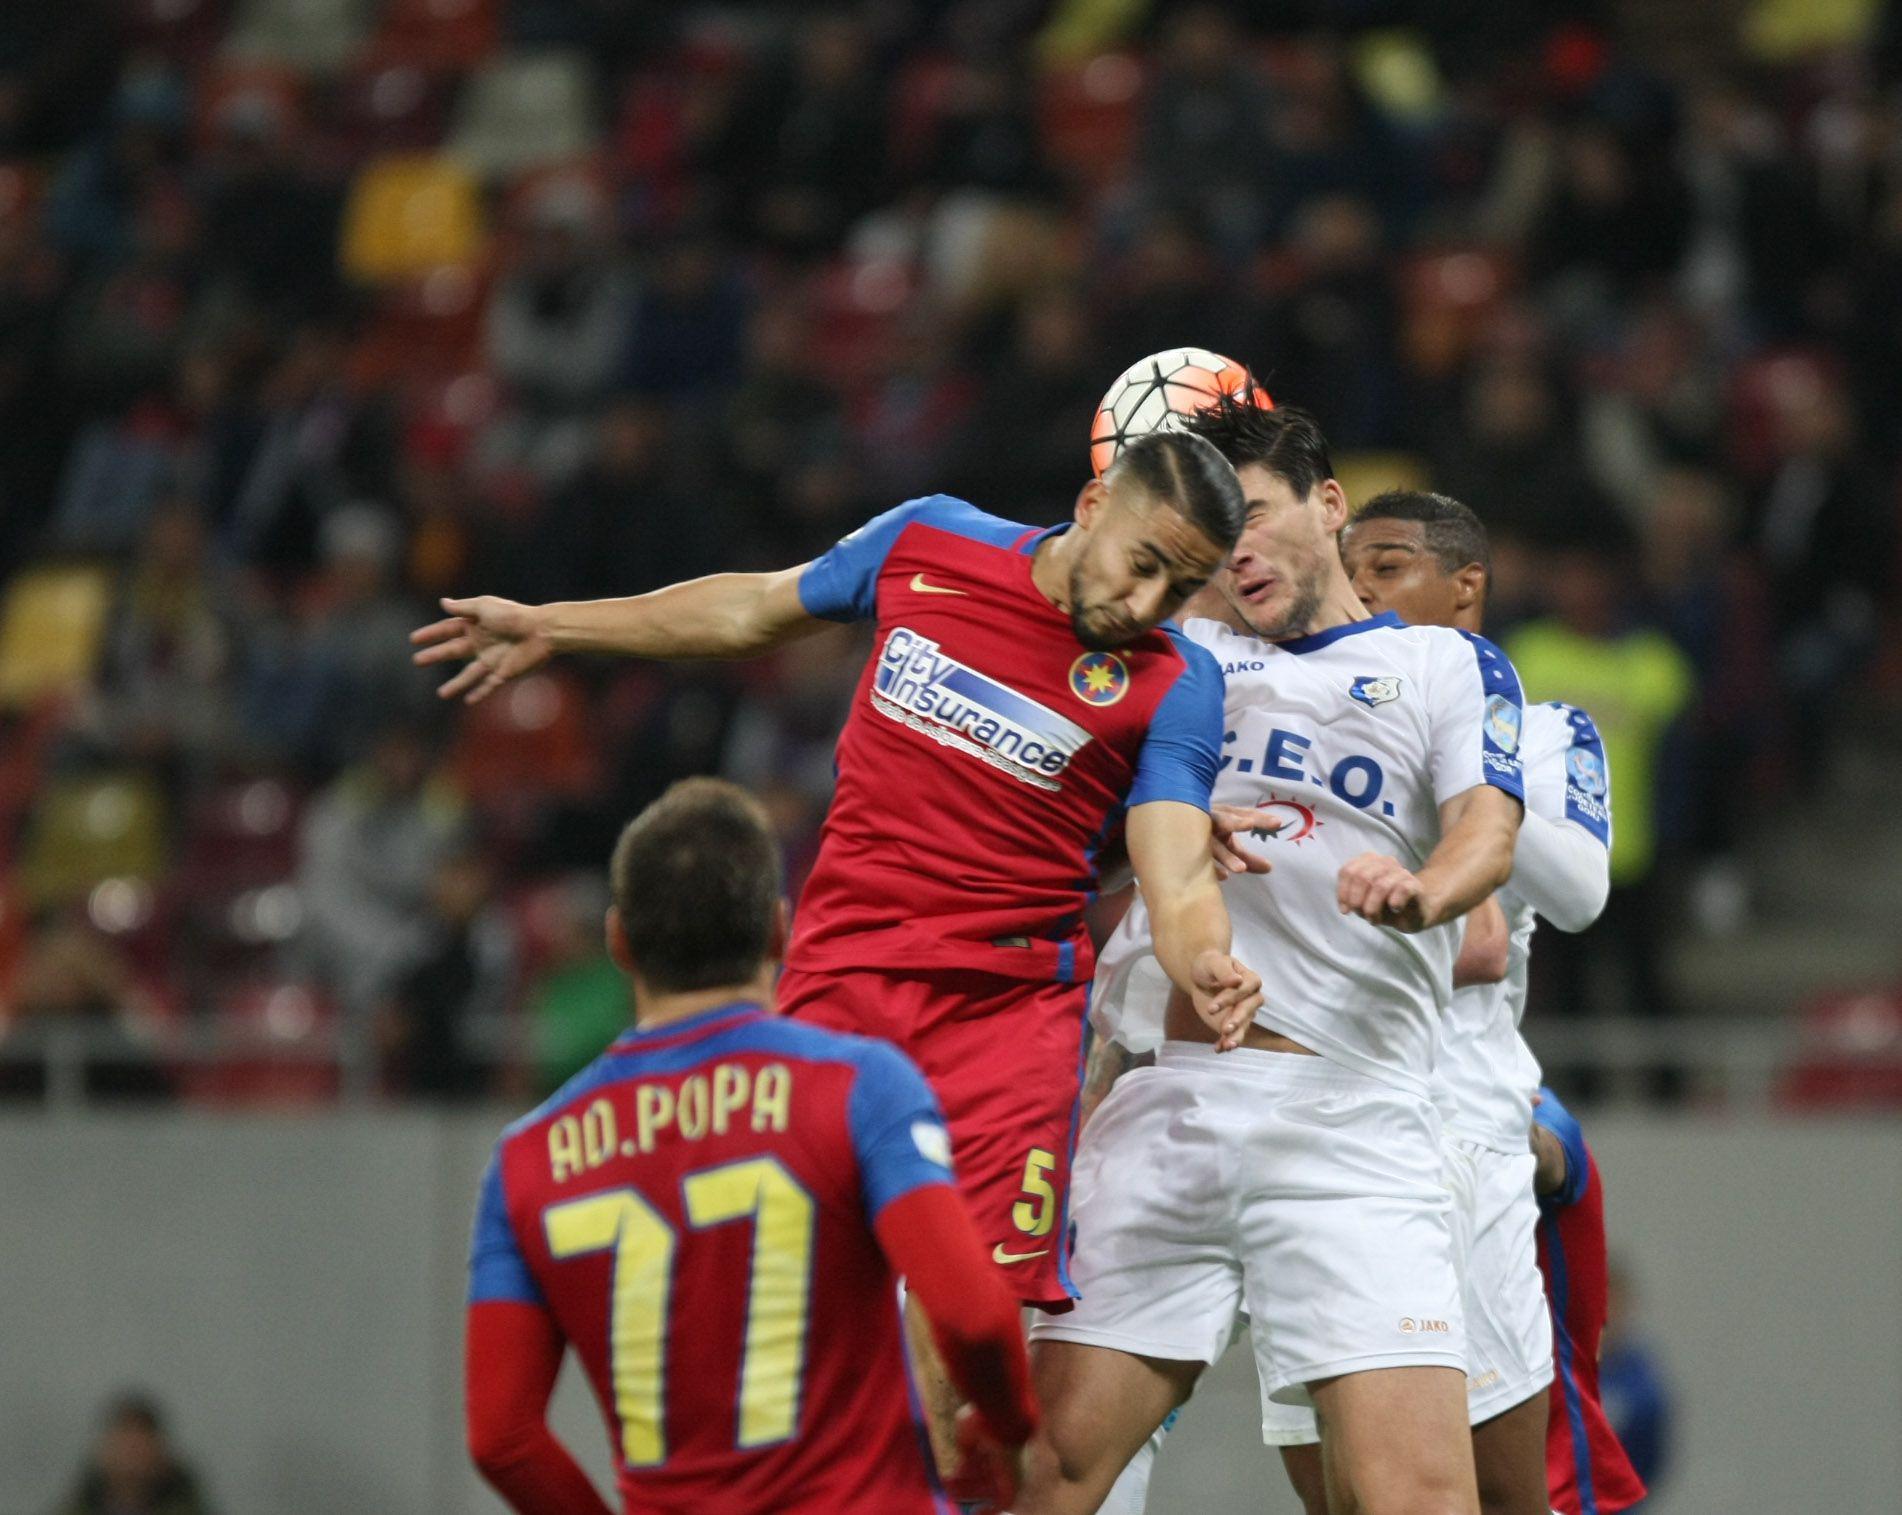 Liga I, etapa a 15-a. Steaua – Pandurii 1-1. Gorjenii au făcut legea la Bucureşti, dar au scăpat victoria printre degete. Răduţ a deschis scorul, iar Hora a trimis balonul în bară. Campioana, care şutat pe poartă de abia în minutul 66, a egalat pe final, prin Muniru / FOTO